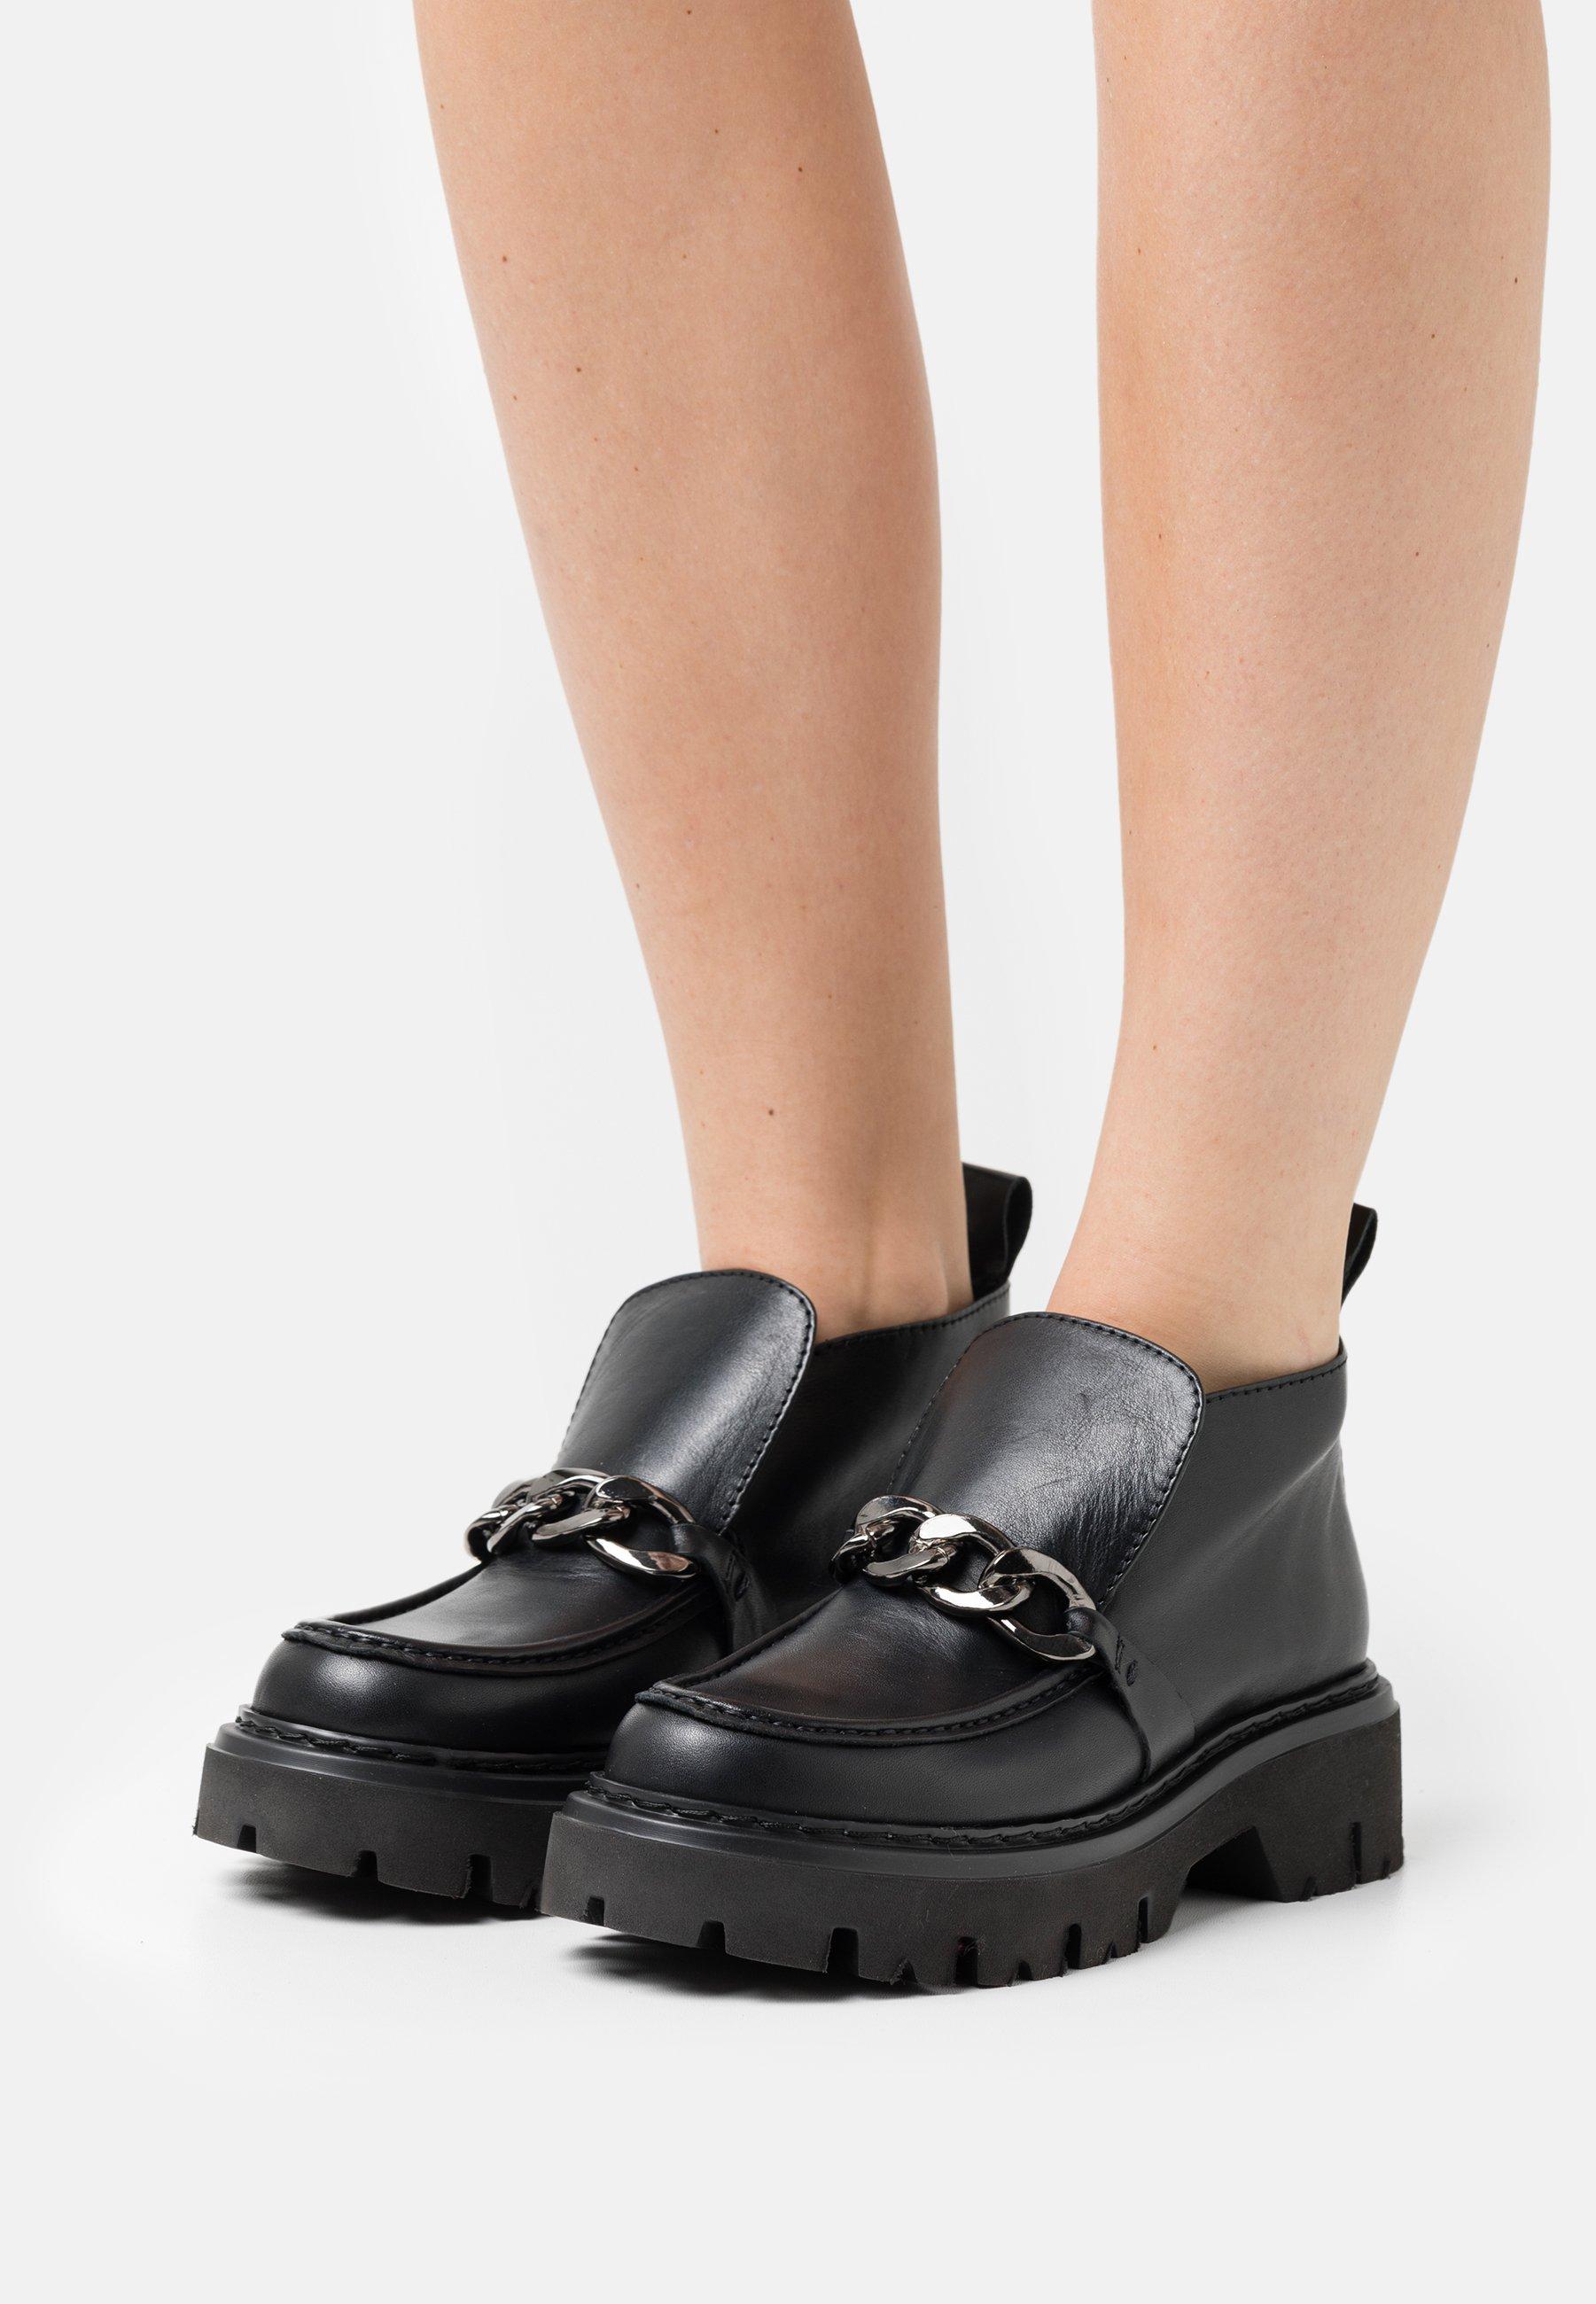 Damen Slipper - black